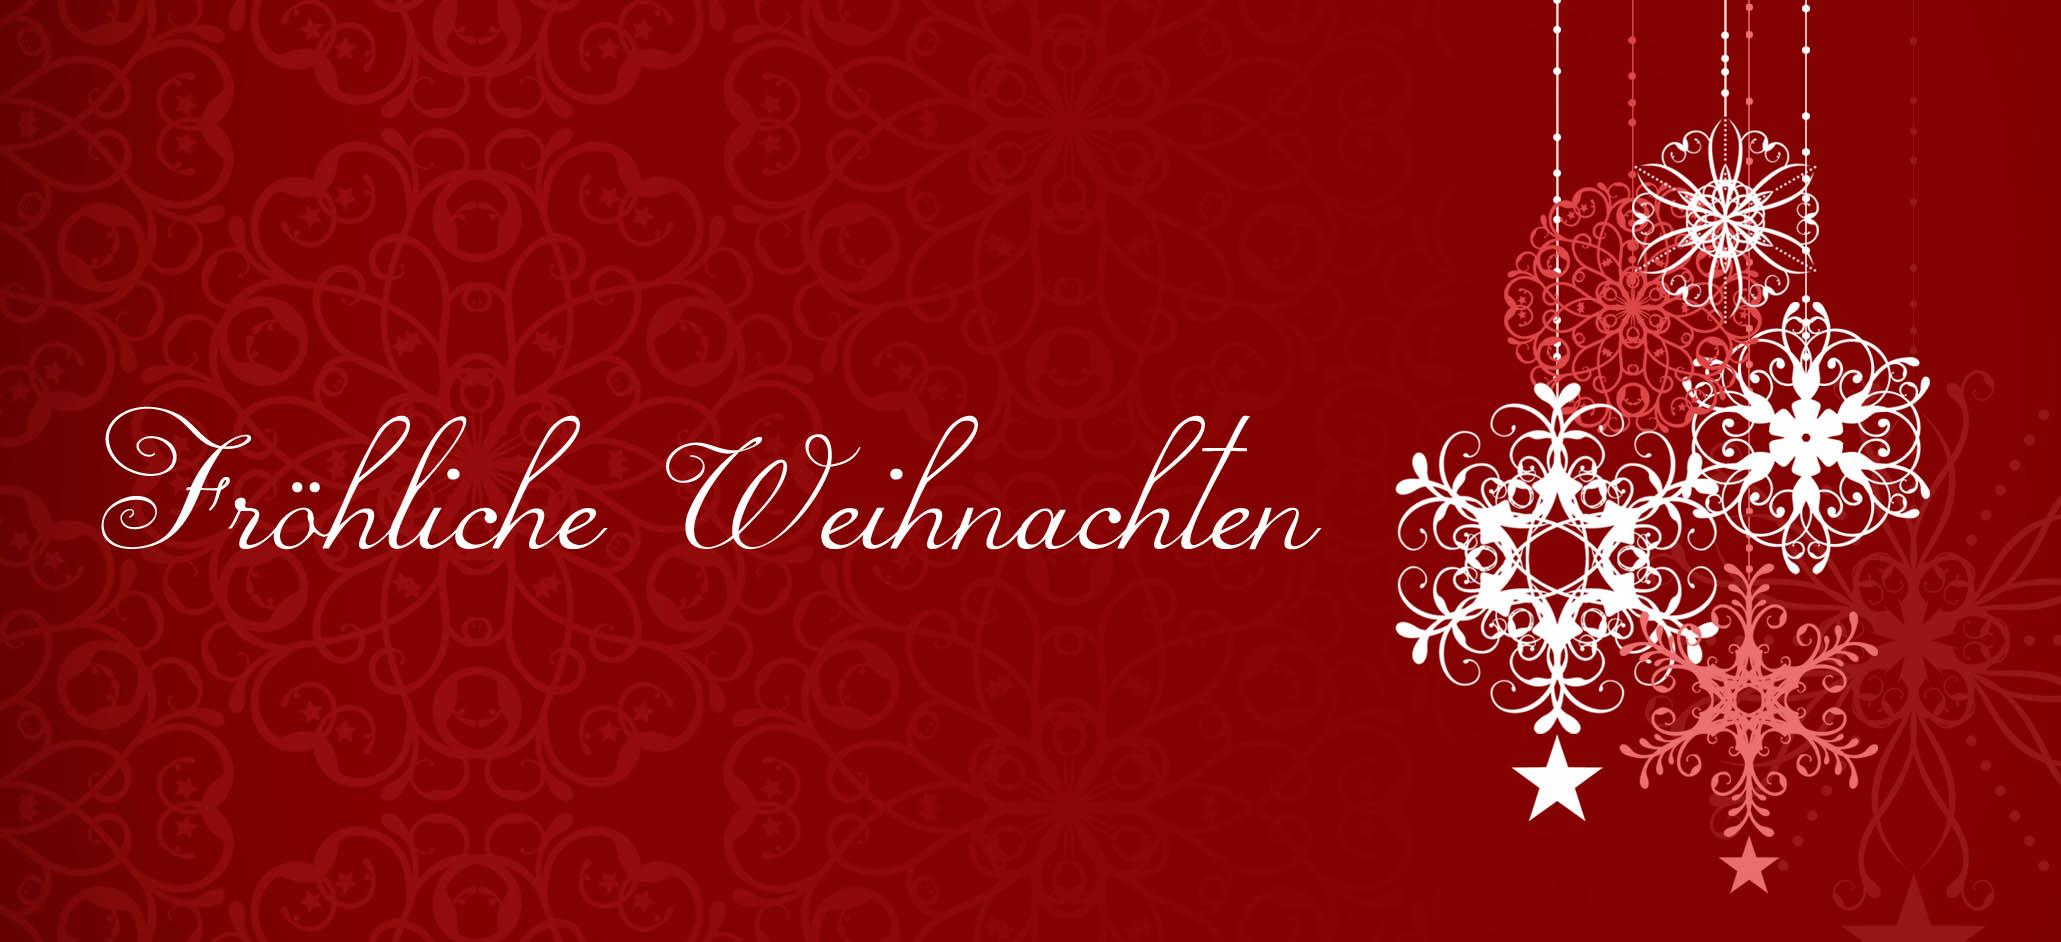 froehliche-weihnachten-buchlingreport